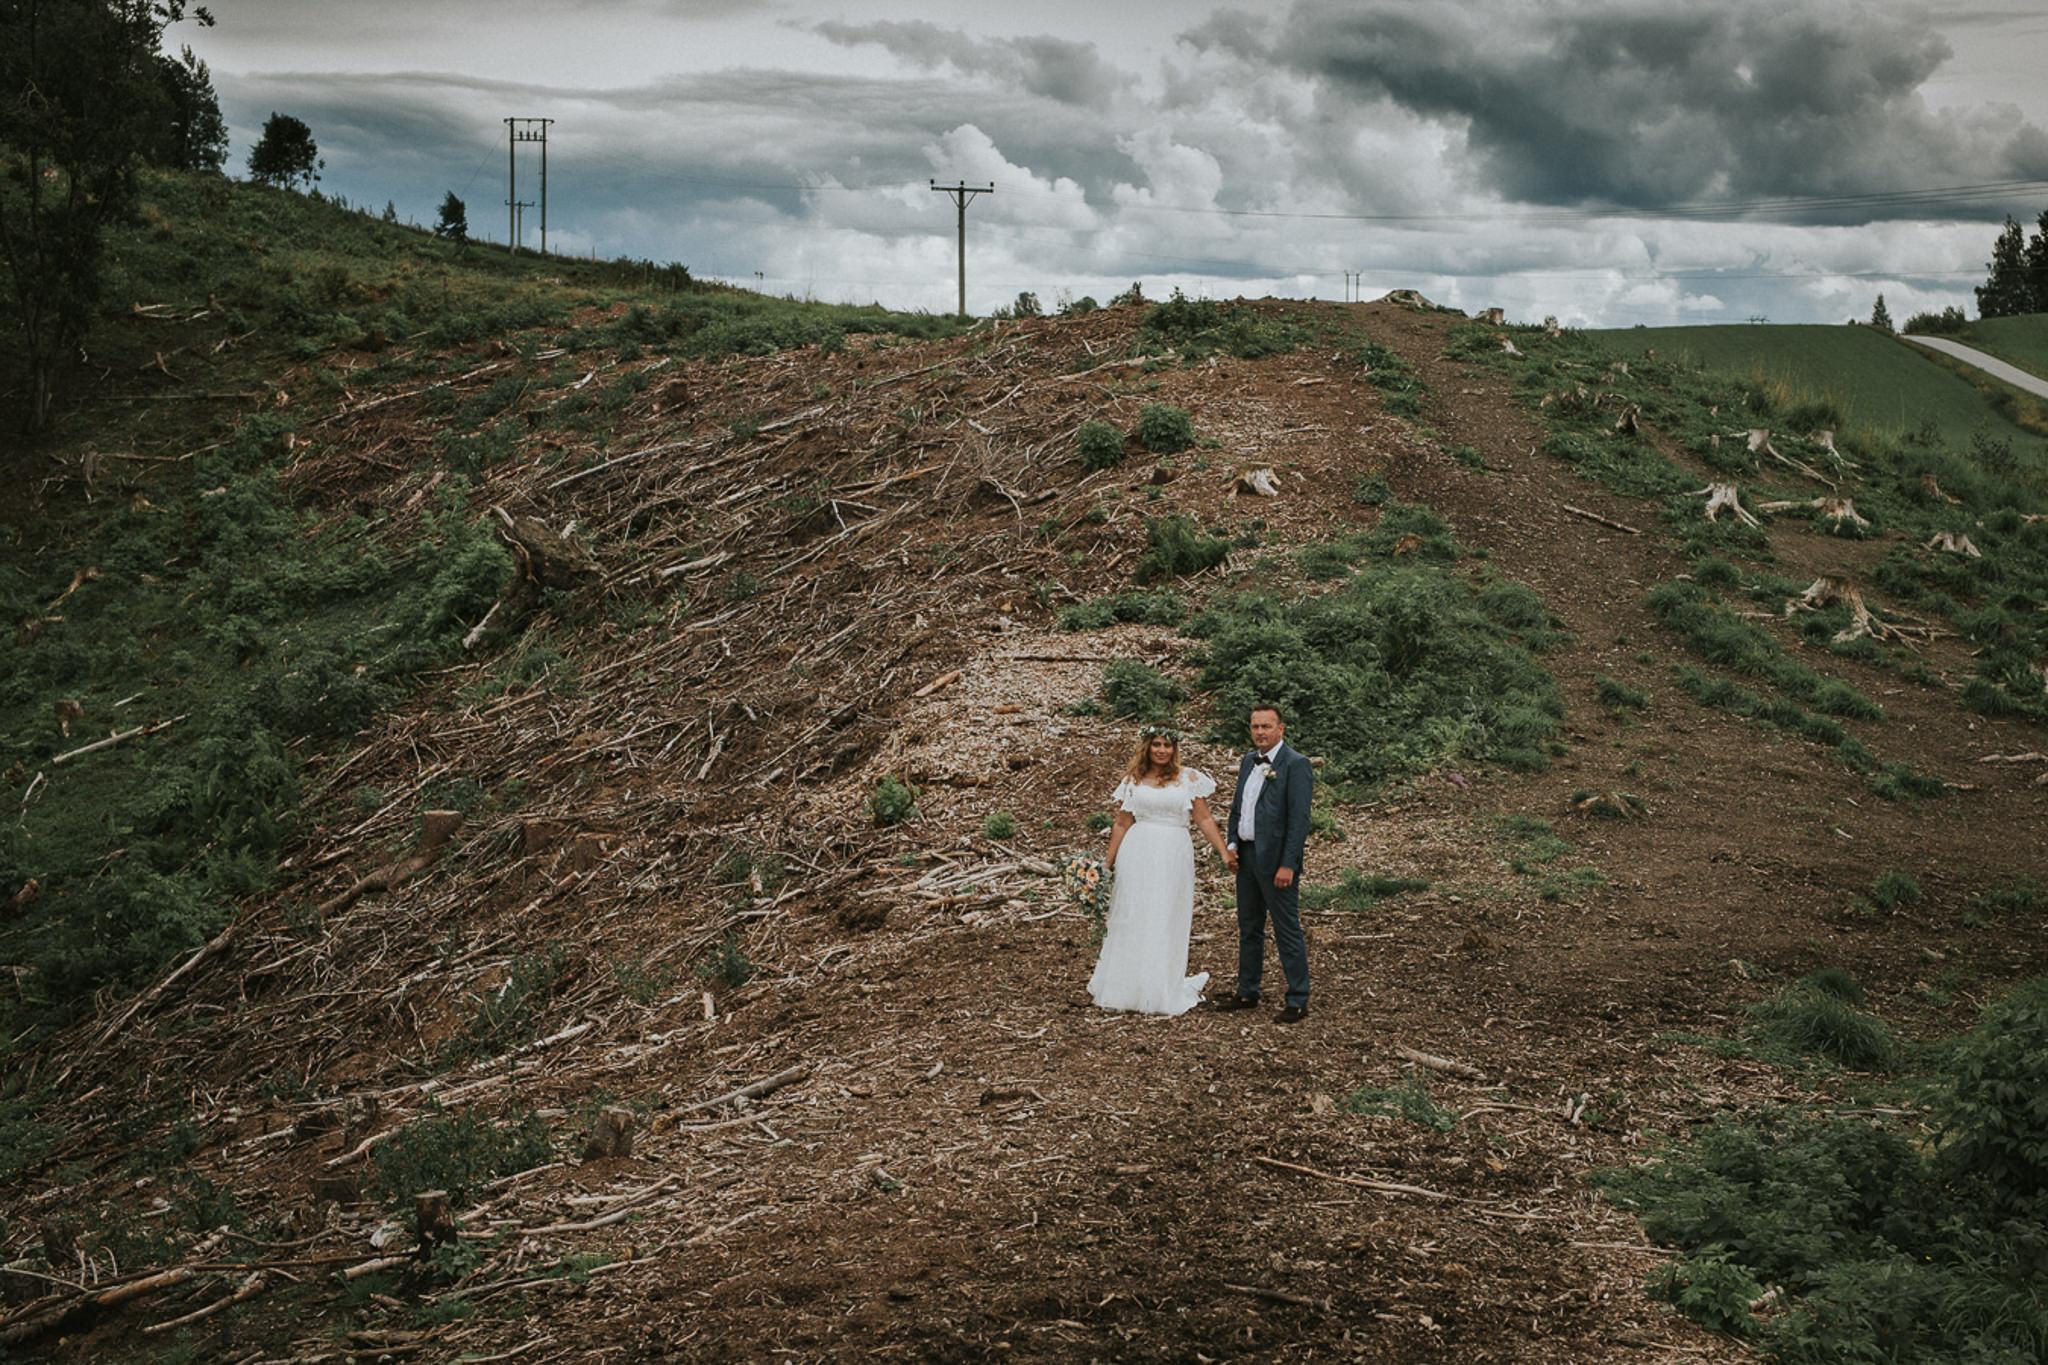 bryllupsbilde-blikkfangerne-fotograf-Tone-Tvedt02.jpg